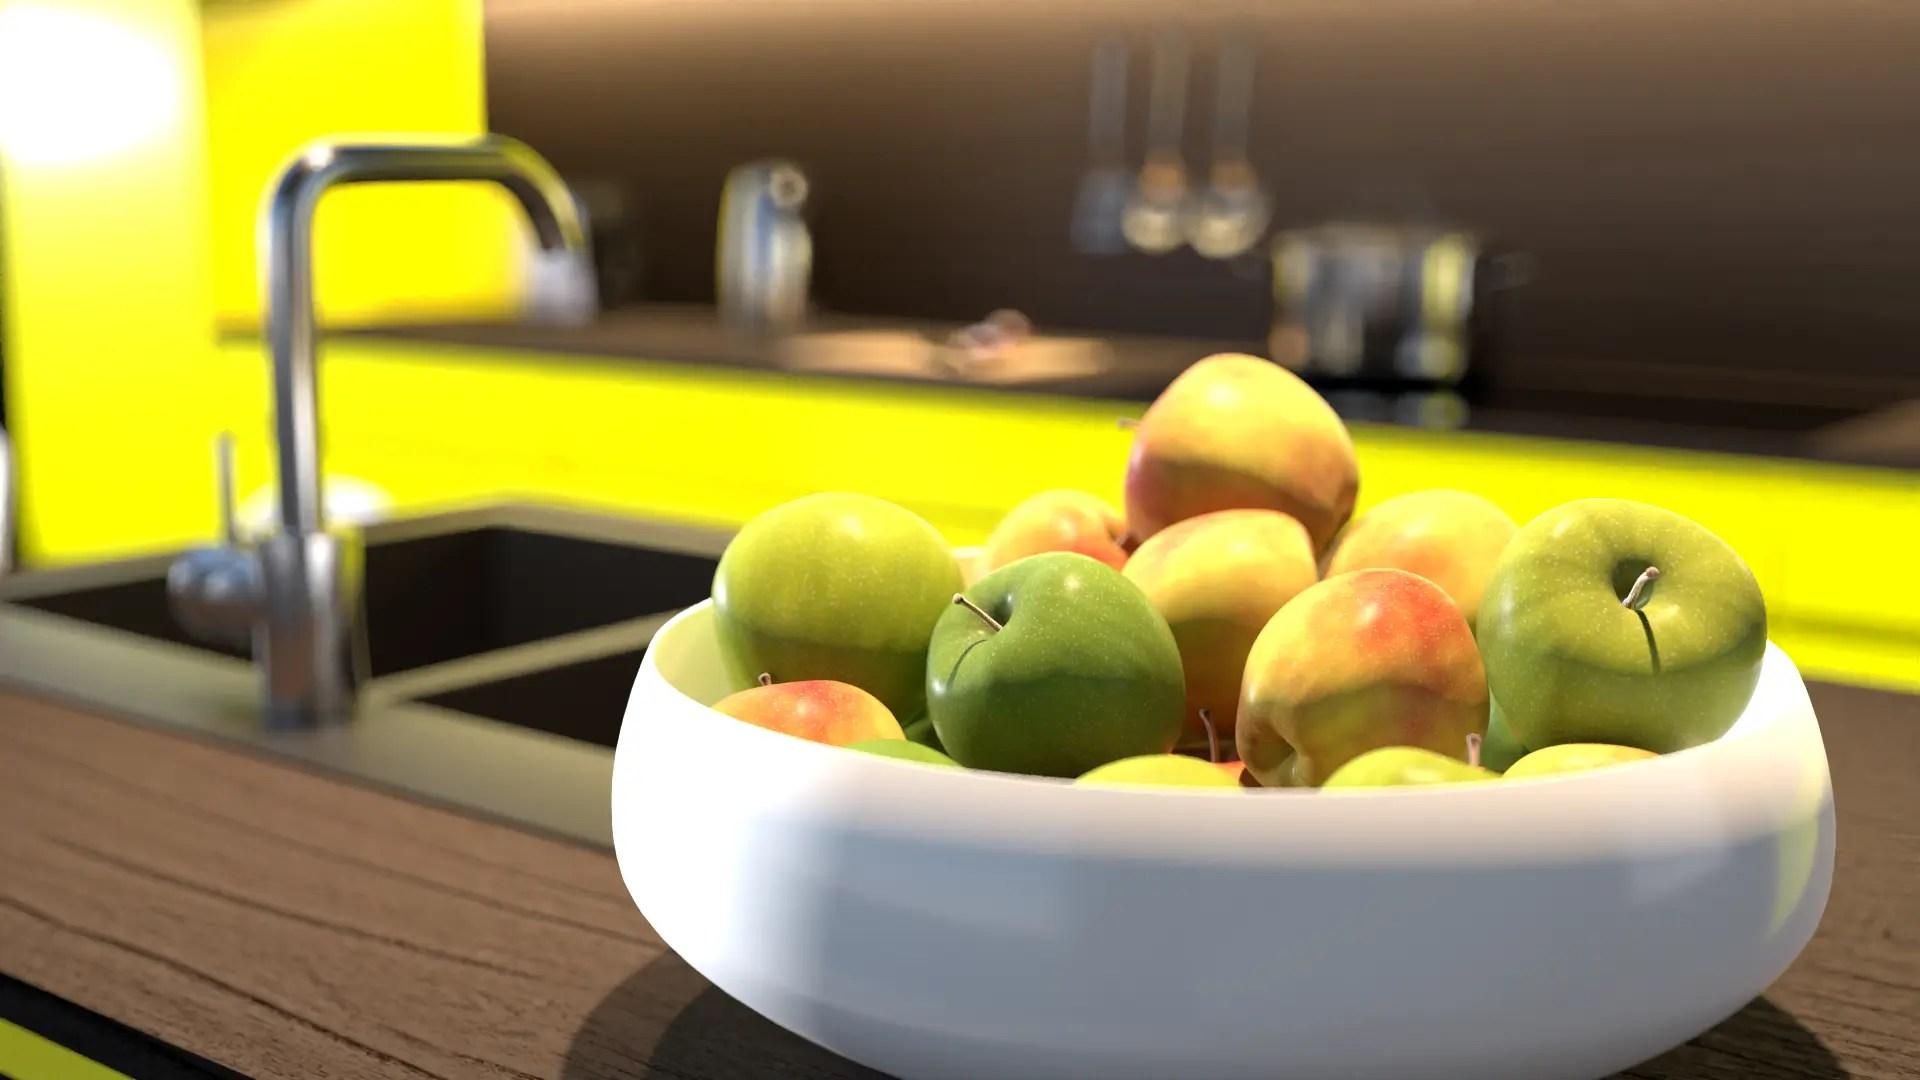 Apfel Rendering in Cinema 4D für Produktvisualisierung